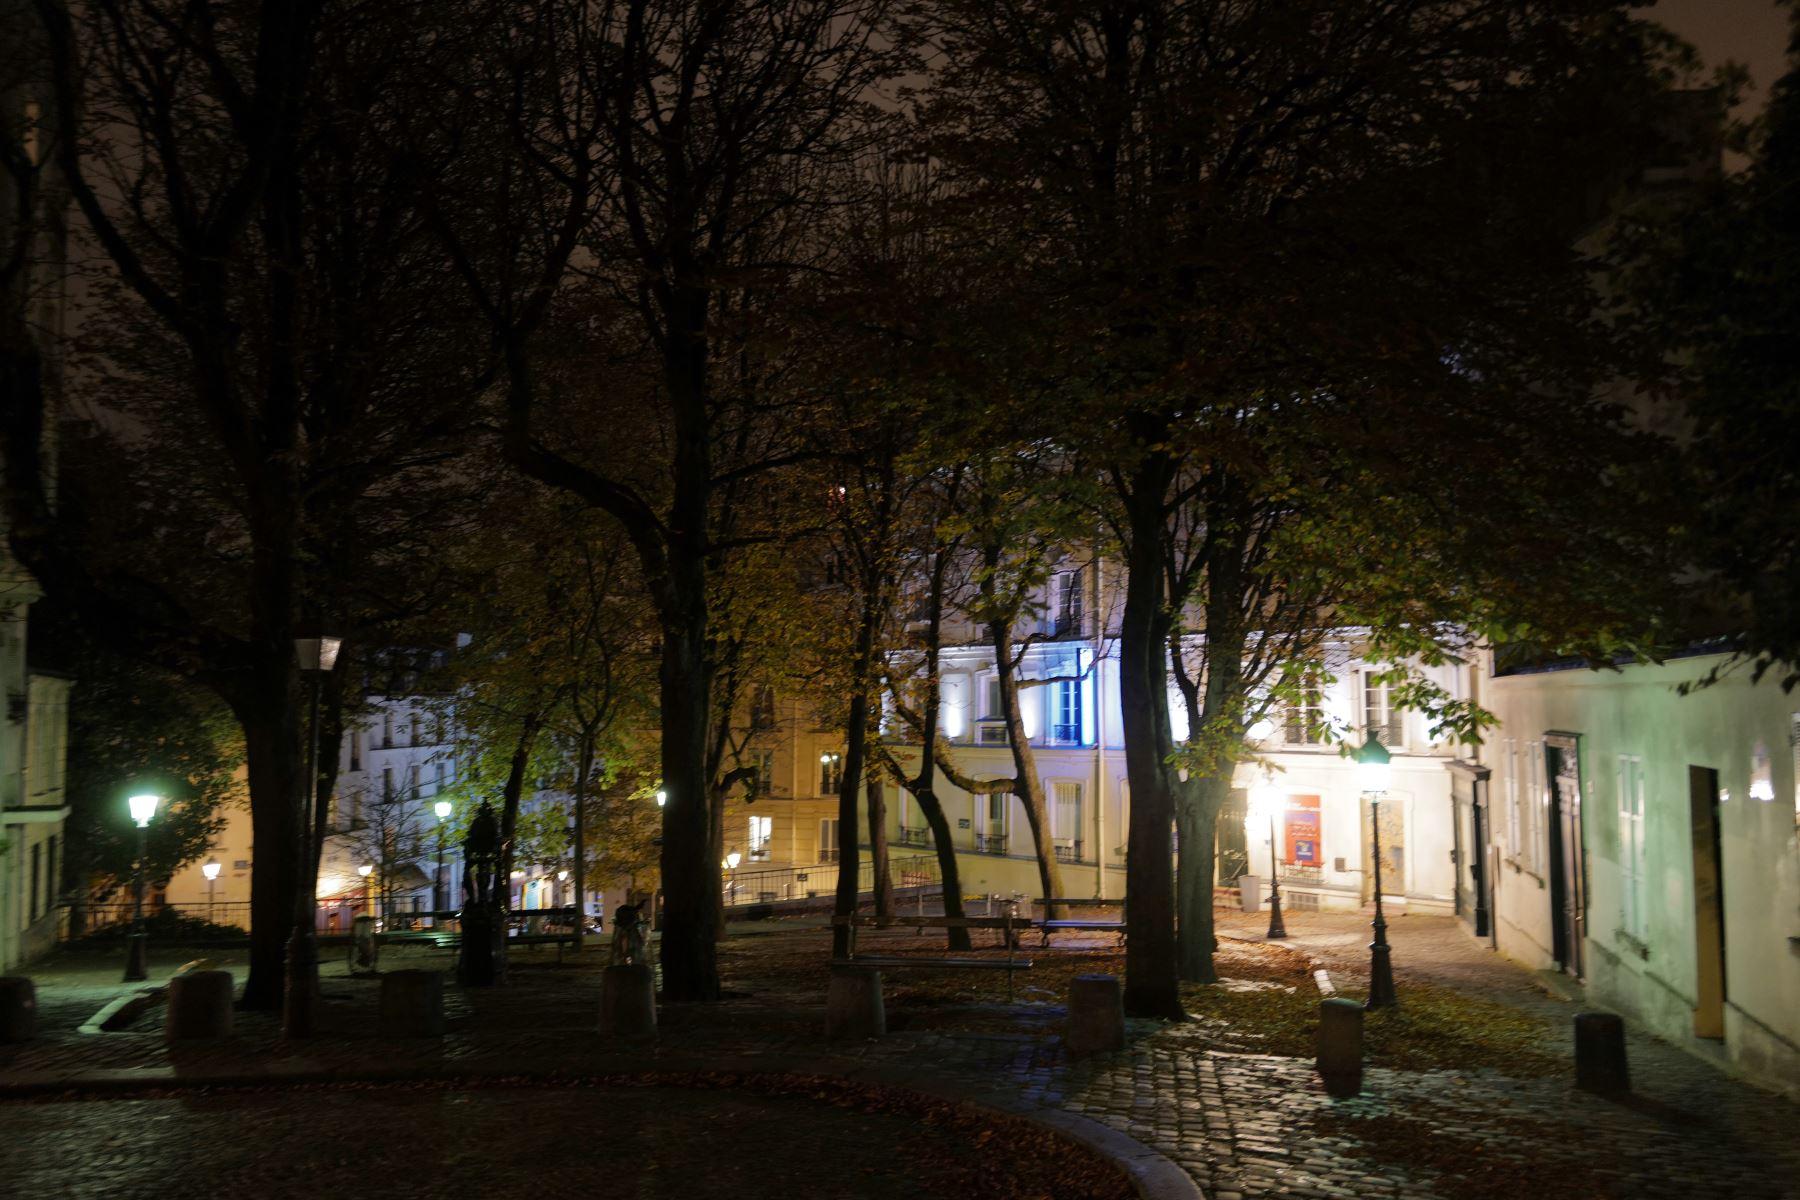 Una foto tomada durante la noche muestra la plaza Emile-Goudeau en Montmartre en el distrito 18 de París, durante un toque de queda nocturno como medida contra la propagación de la pandemia covid-19 causada por el nuevo coronavirus.  Foto: AFP